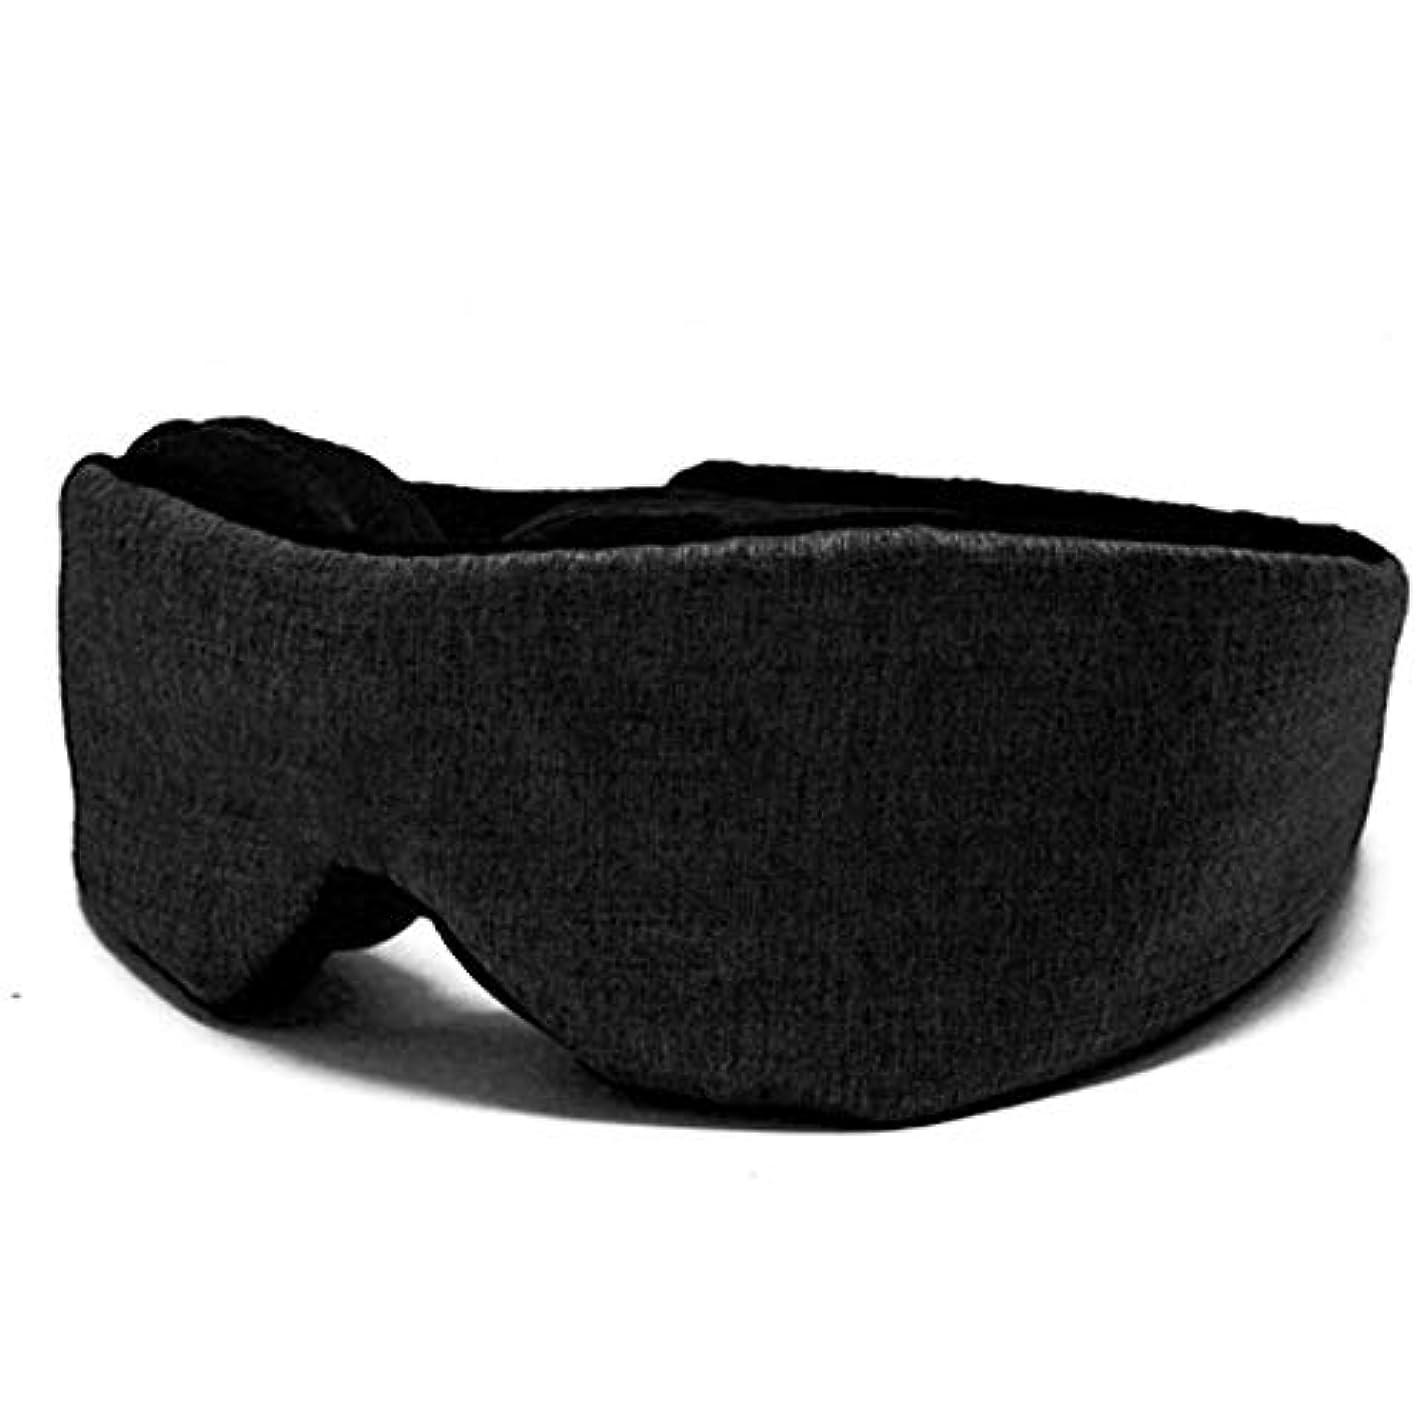 ロッジスペイン語粘着性NOTE 3dカバーアイ睡眠マスク調節可能なアイパッチ女性男性目隠しブロックアウトライトアイカバーパッチ睡眠補助マスク旅行残り